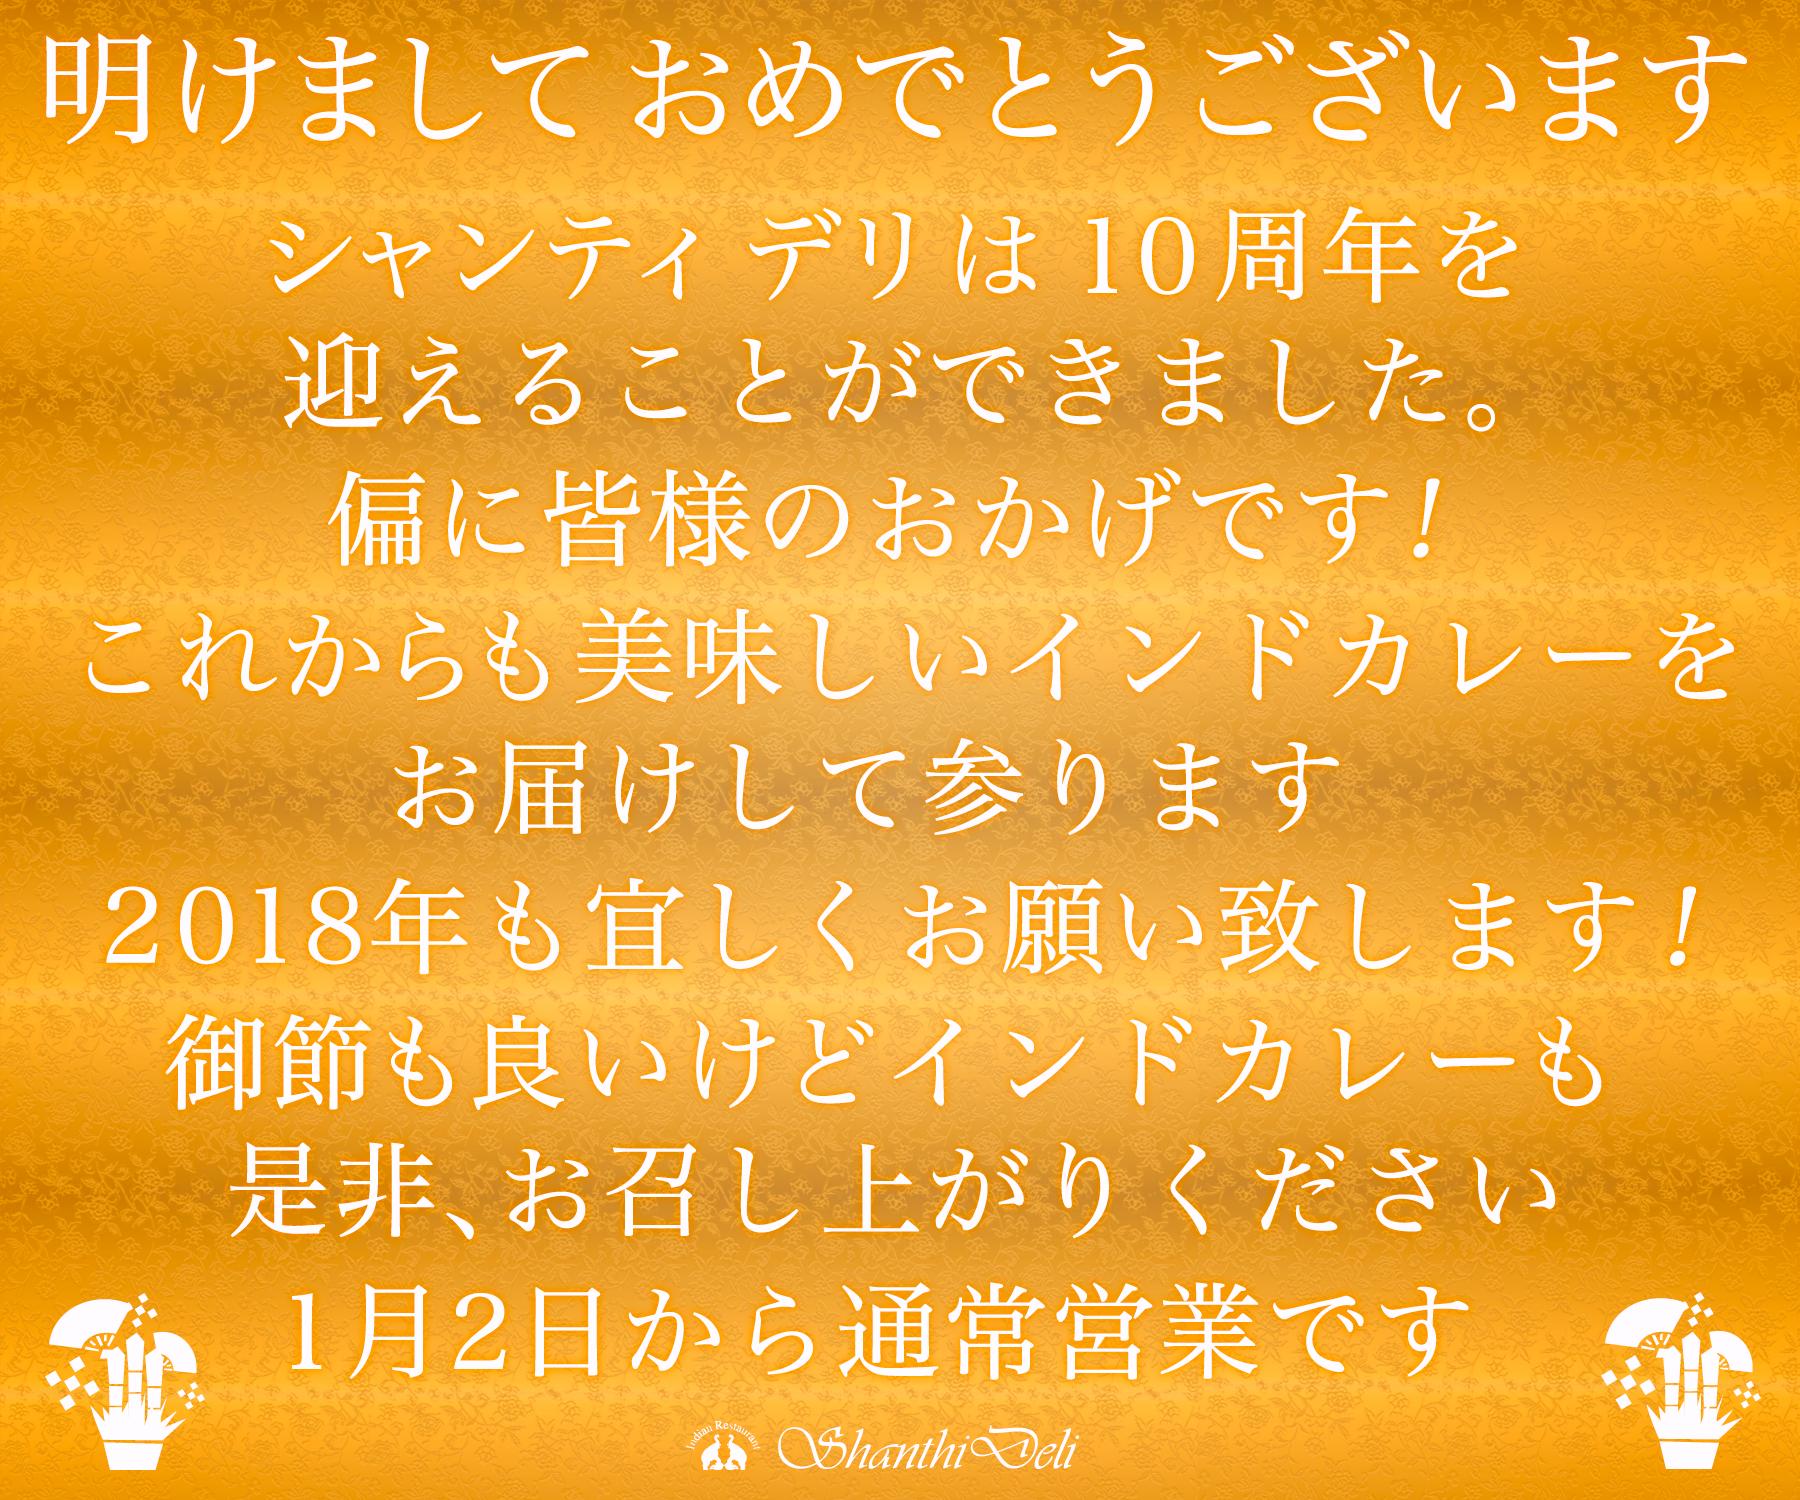 2018年,シャンティデリ,横浜,インドカレー,デリバリー,宅配